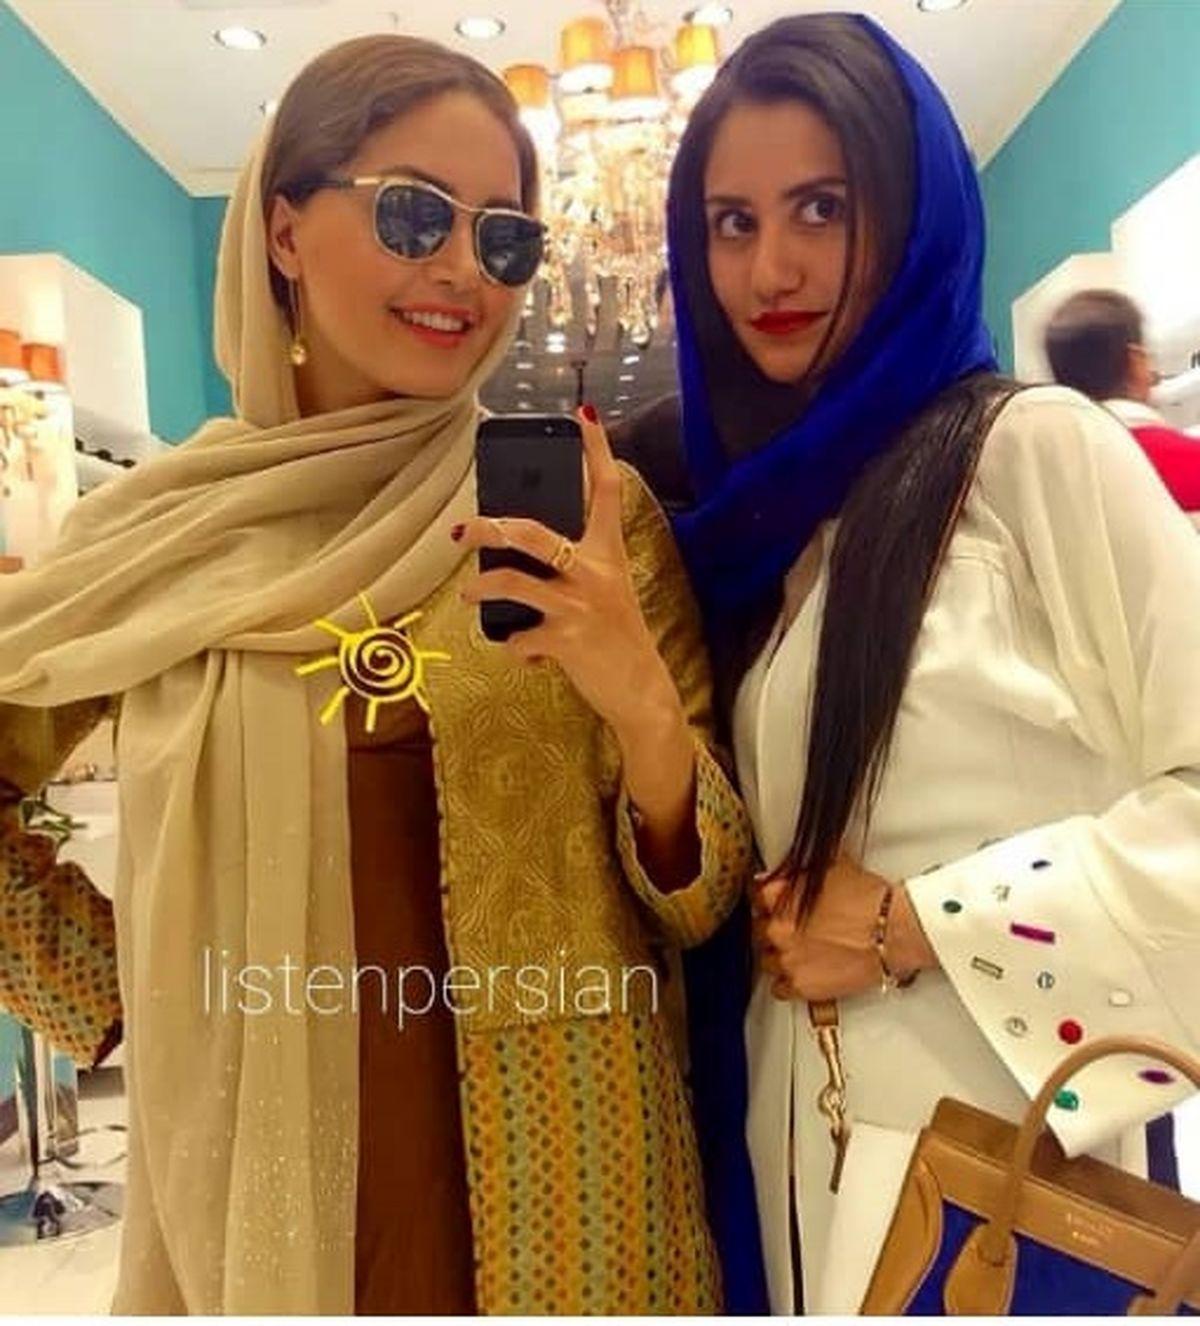 لباس های گران قیمت و لاکچری الناز شاکردوست و خواهرش در مهمانی! + عکس